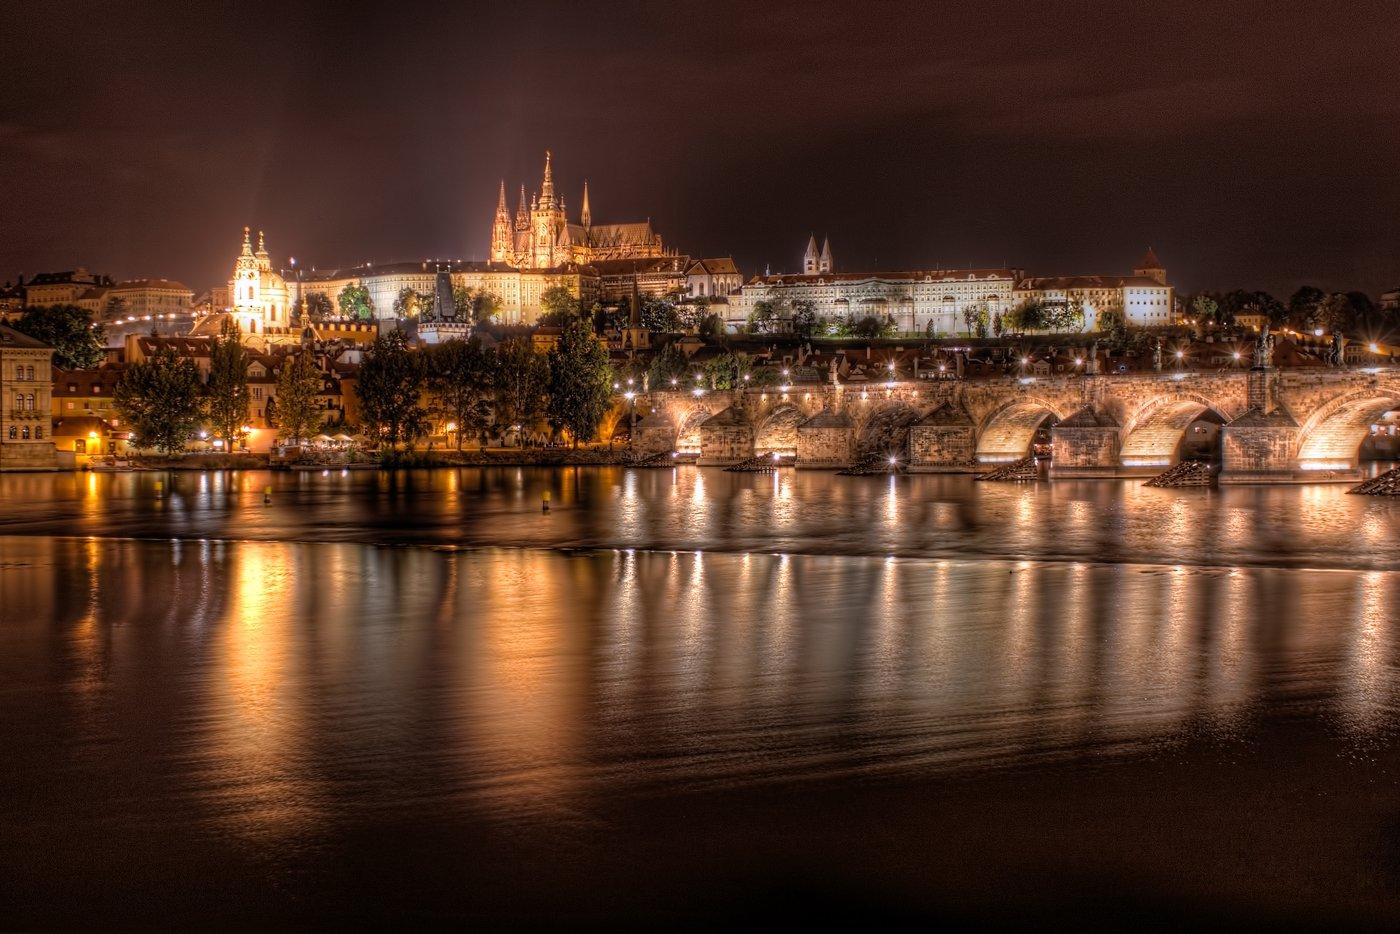 Die Burg in Prag bei Nacht. Das tschechische Wahrzeichen, der Hradschin, hell erleuchtet.